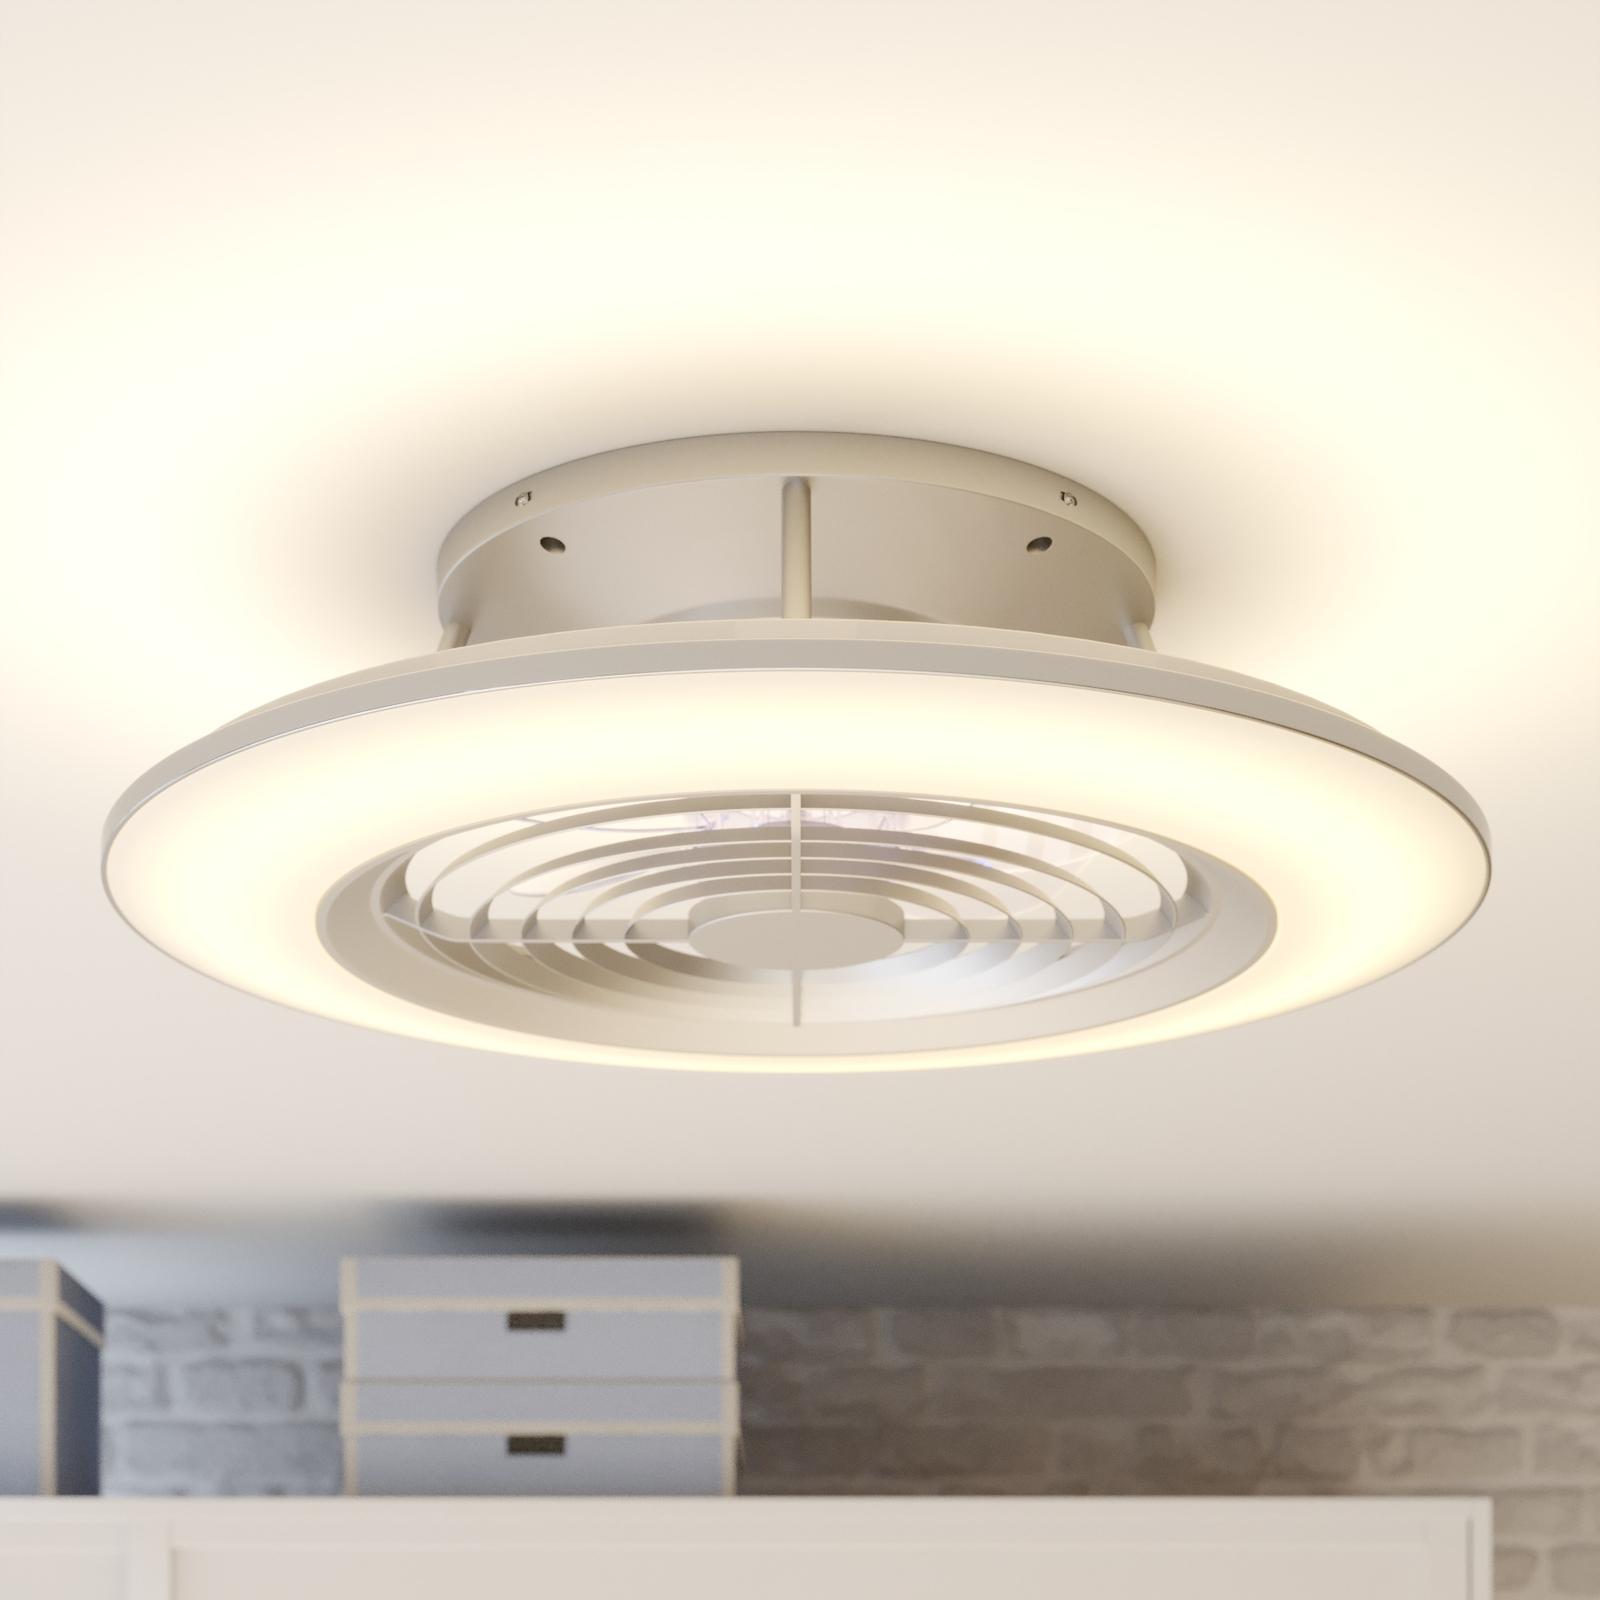 Arcchio Fenio stropní ventilátor, světlo stříbrná